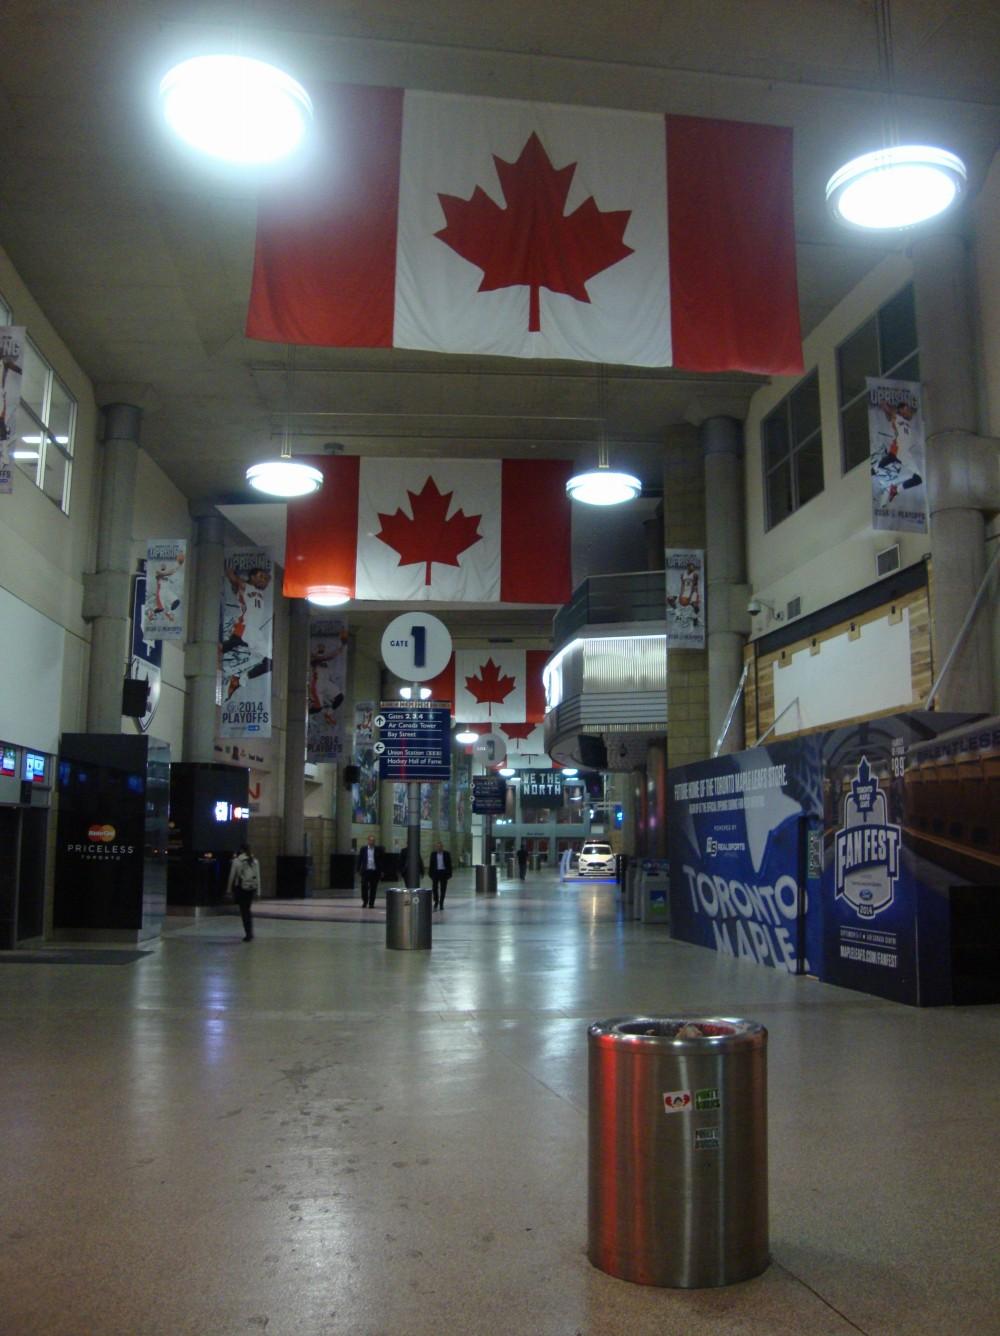 Inside the Air Canada Center